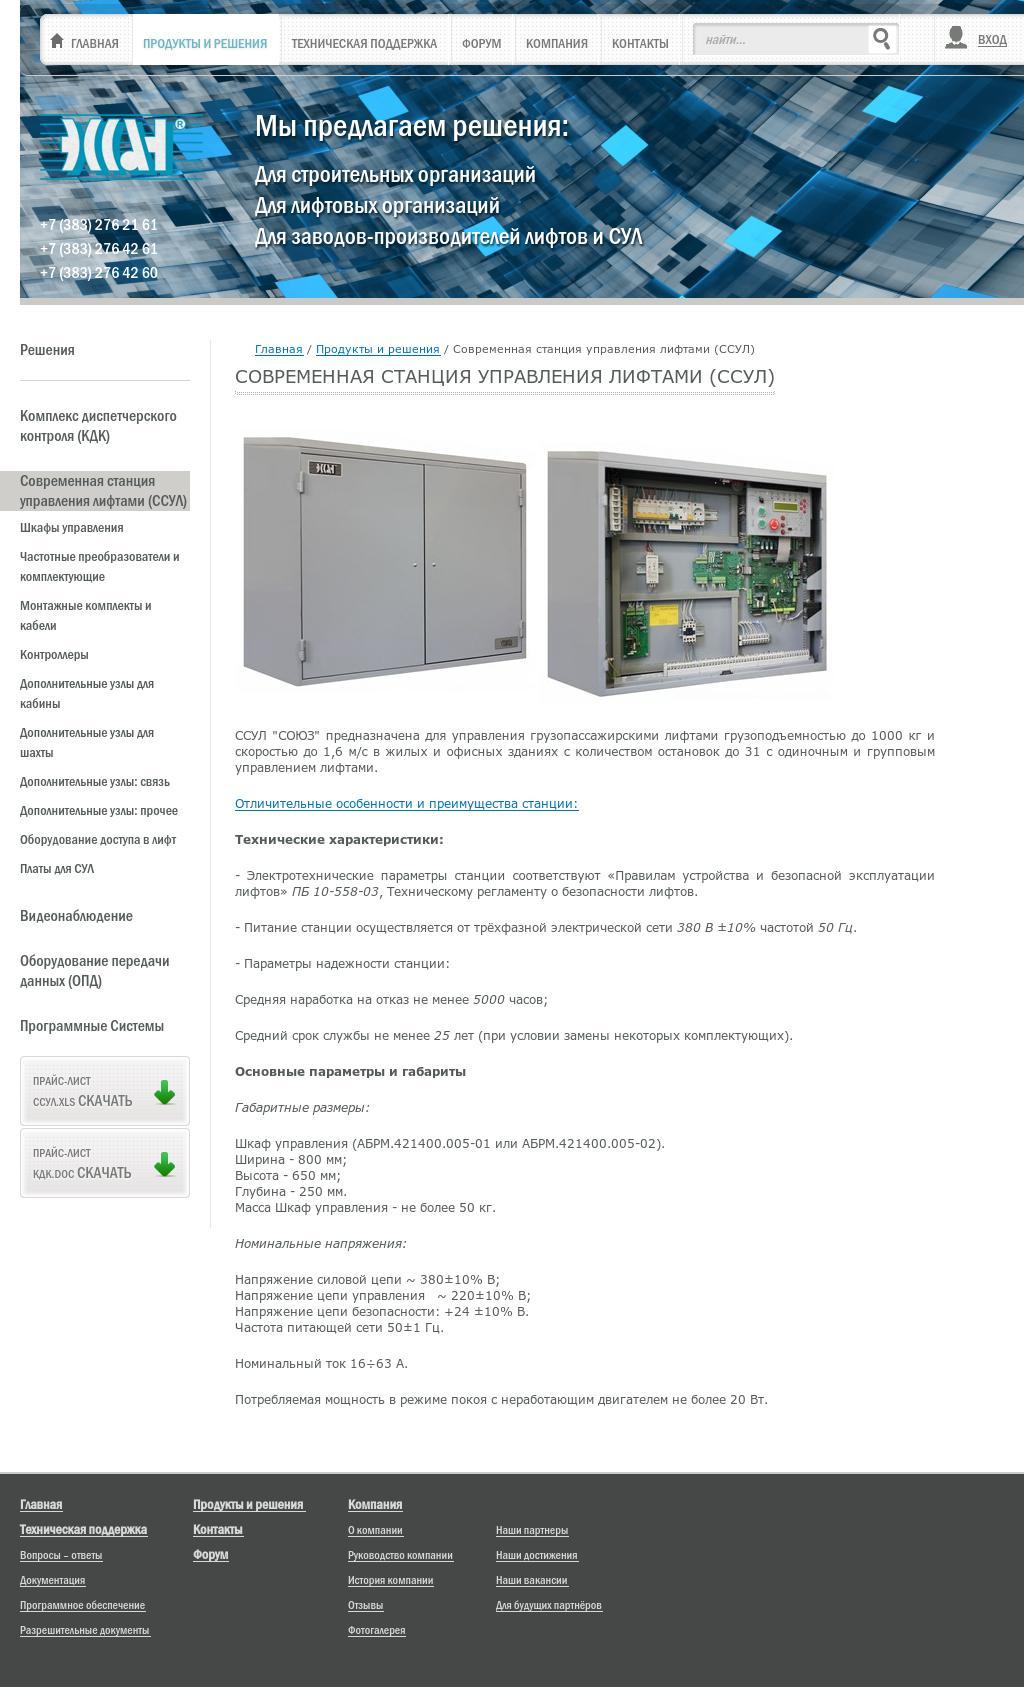 Верстка сайта компании ЭССАН